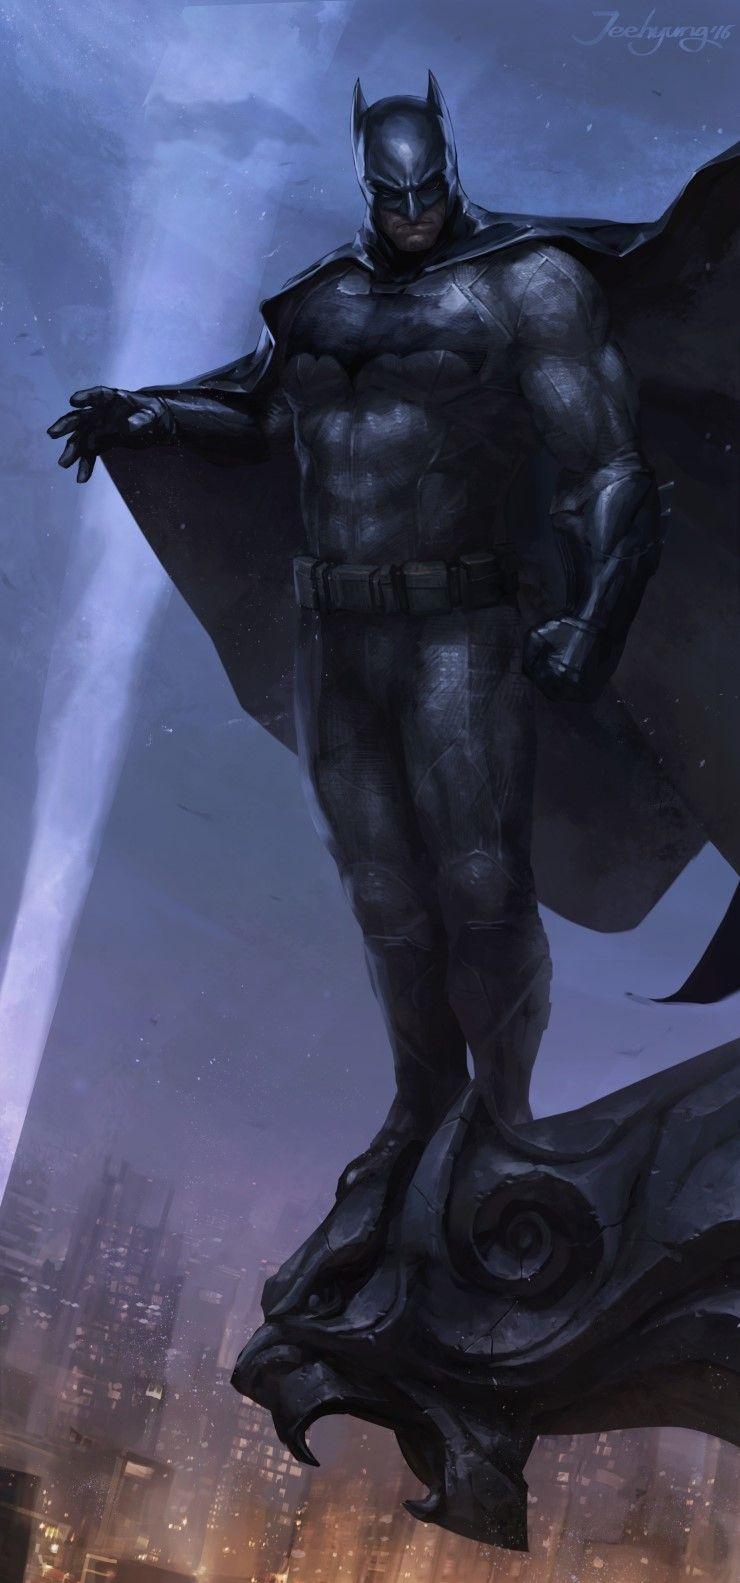 Batman By Jee Hyung Lee Batman Batman Comics Batman Art